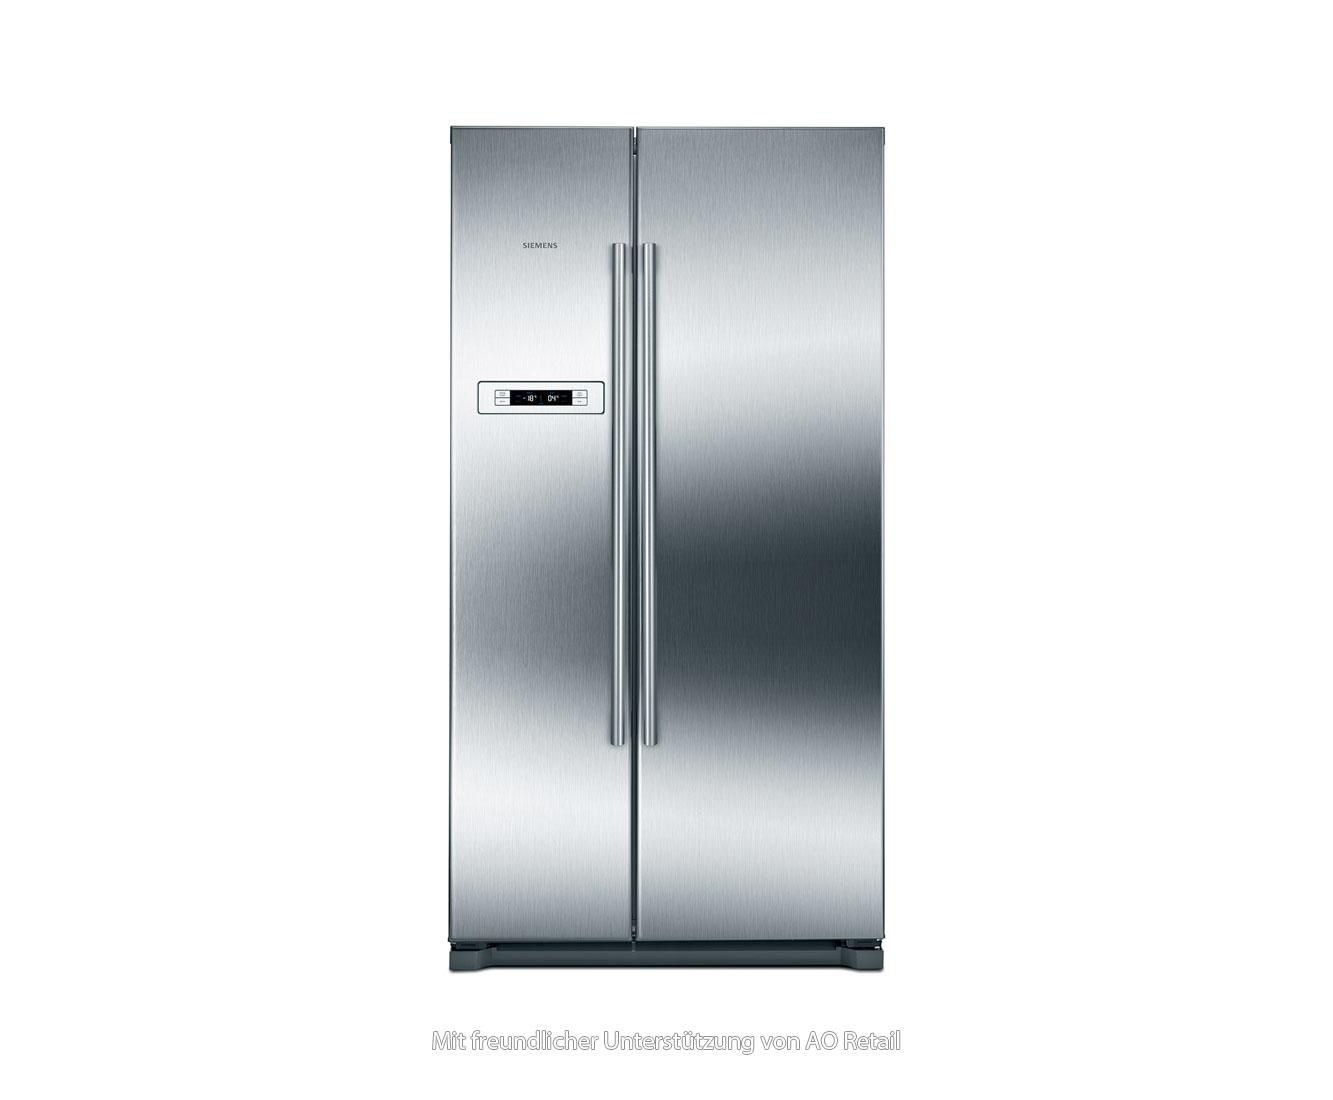 Amerikanischer Kühlschrank Edelstahl : Siemens iq ka nvi amerikanischer side by side l